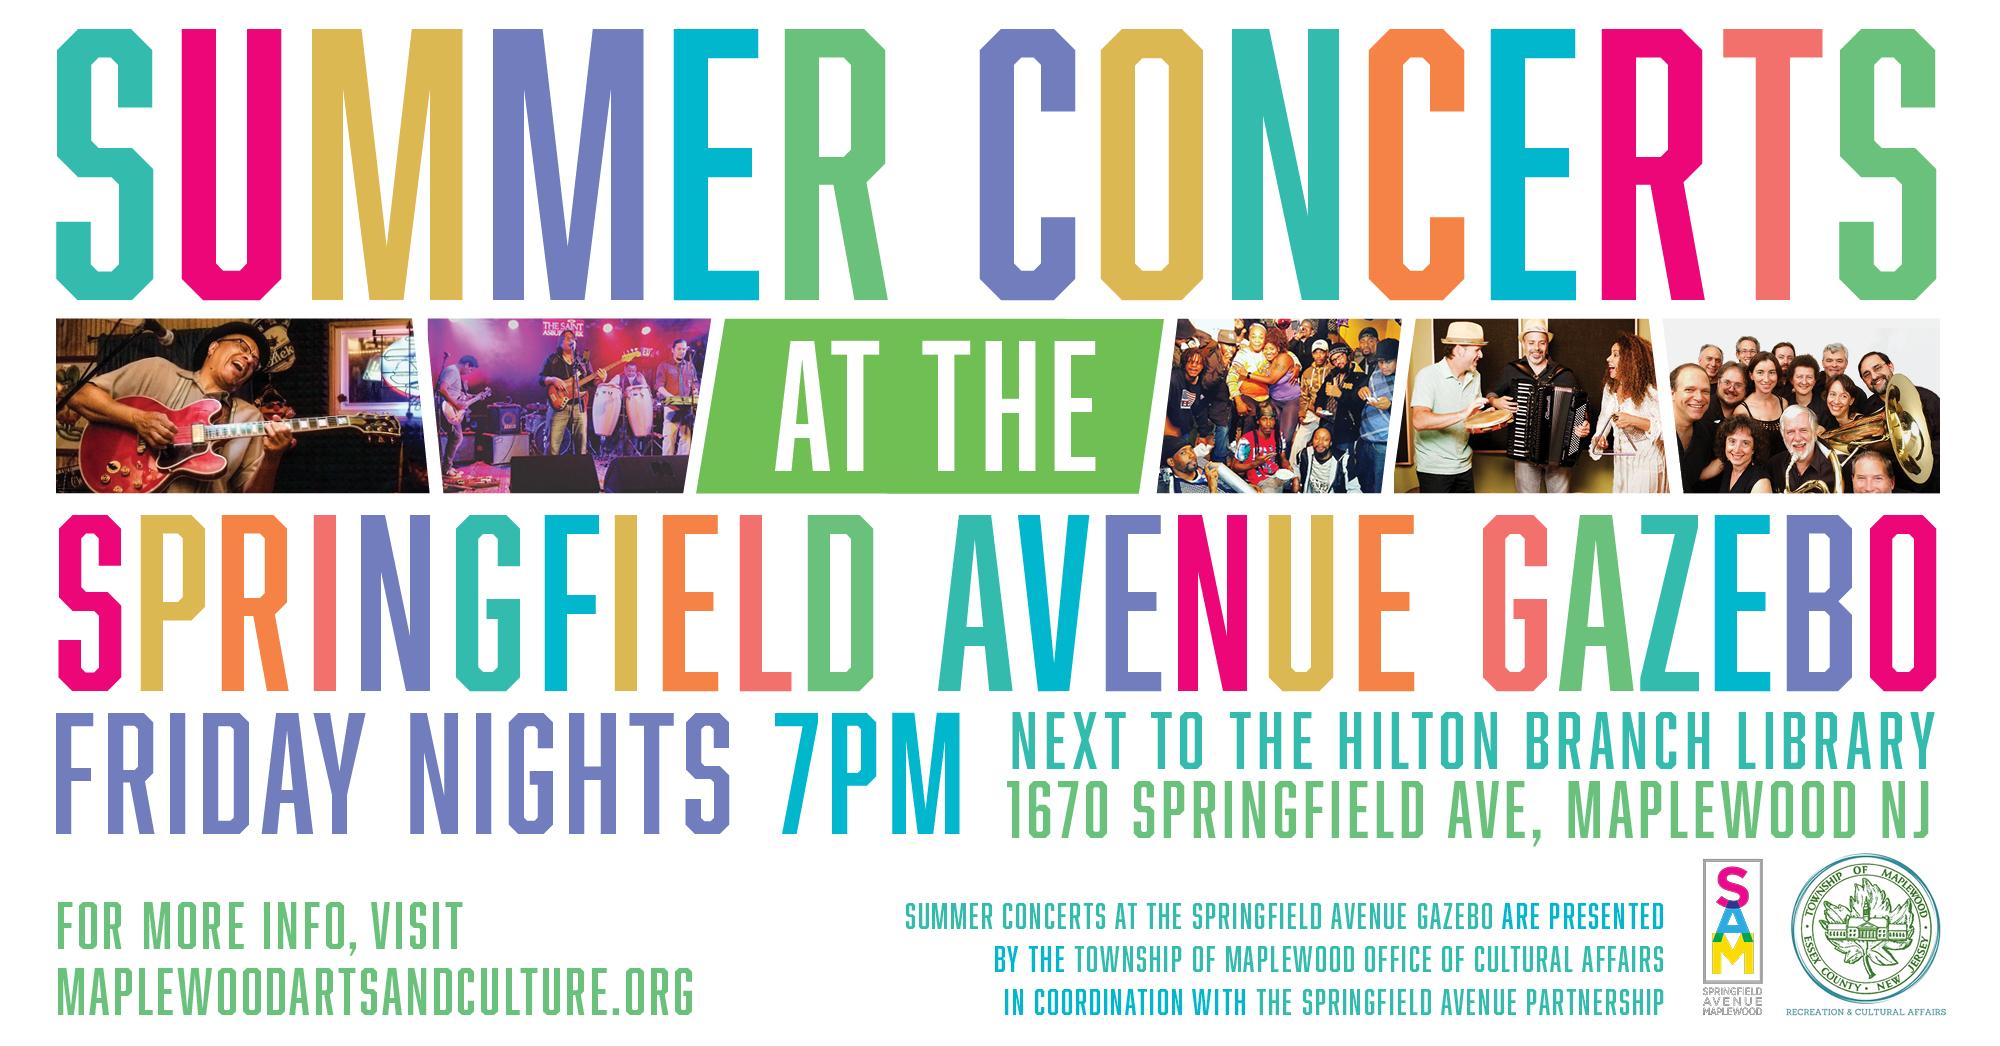 SUmmer Concerts at the gazebo - Friday Nights at 7pm at the Springfield Ave Gazebo.